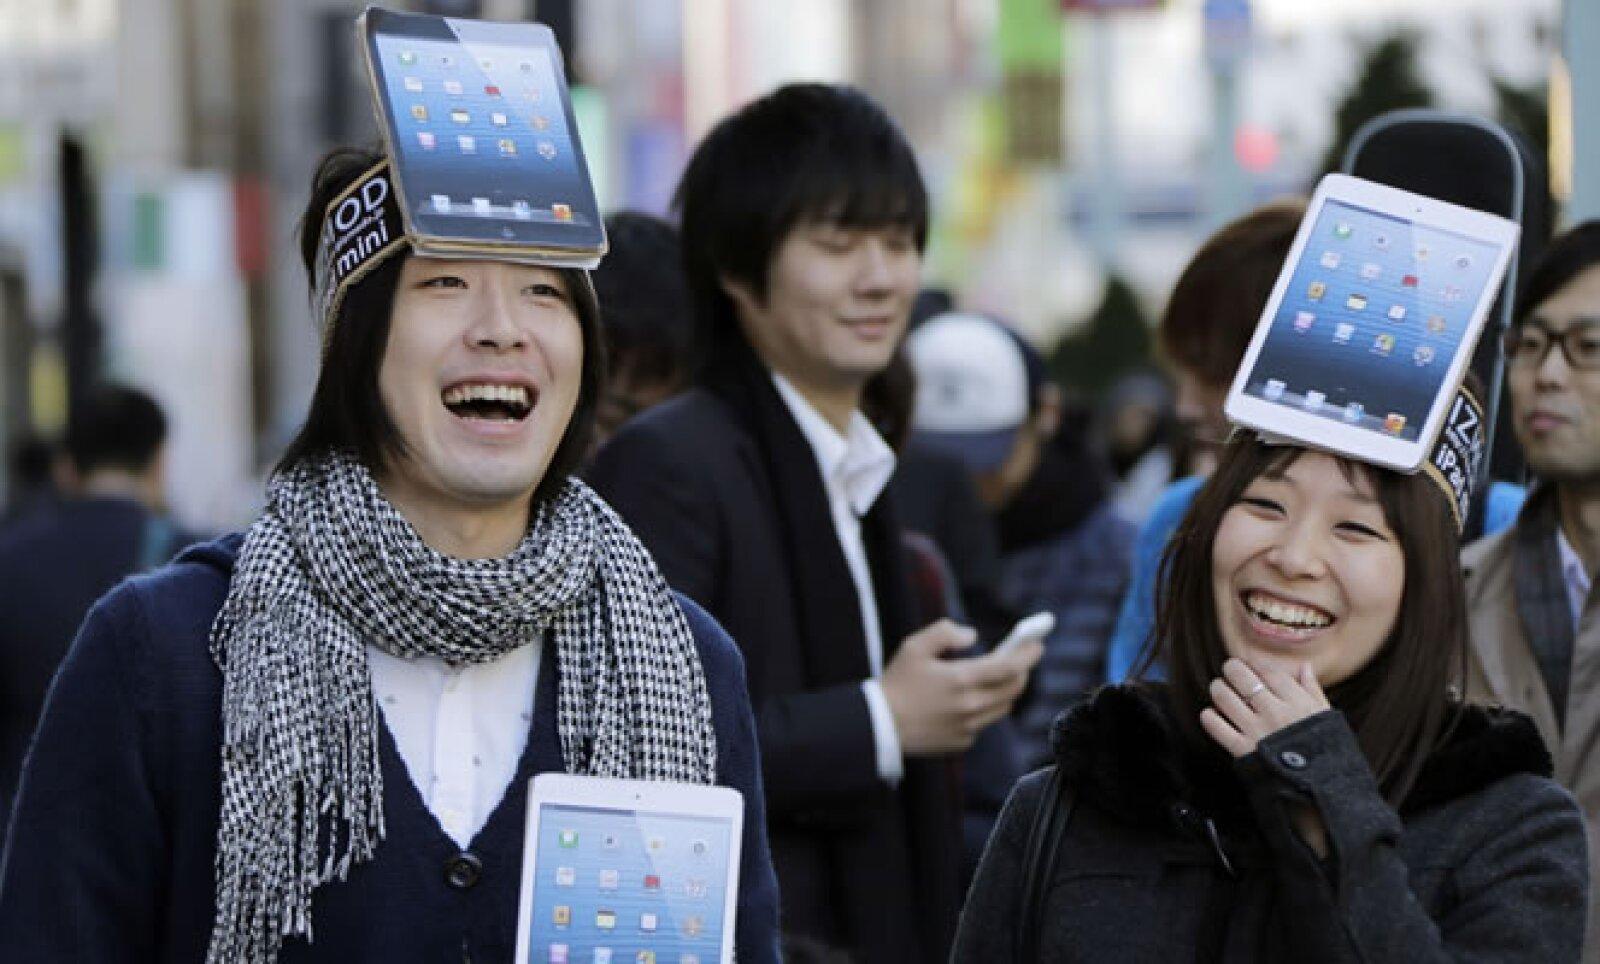 Kota Suzuki y Mio Kawa, listos en la fila para comprar la iPad mini la mañana del viernes en Tokio.